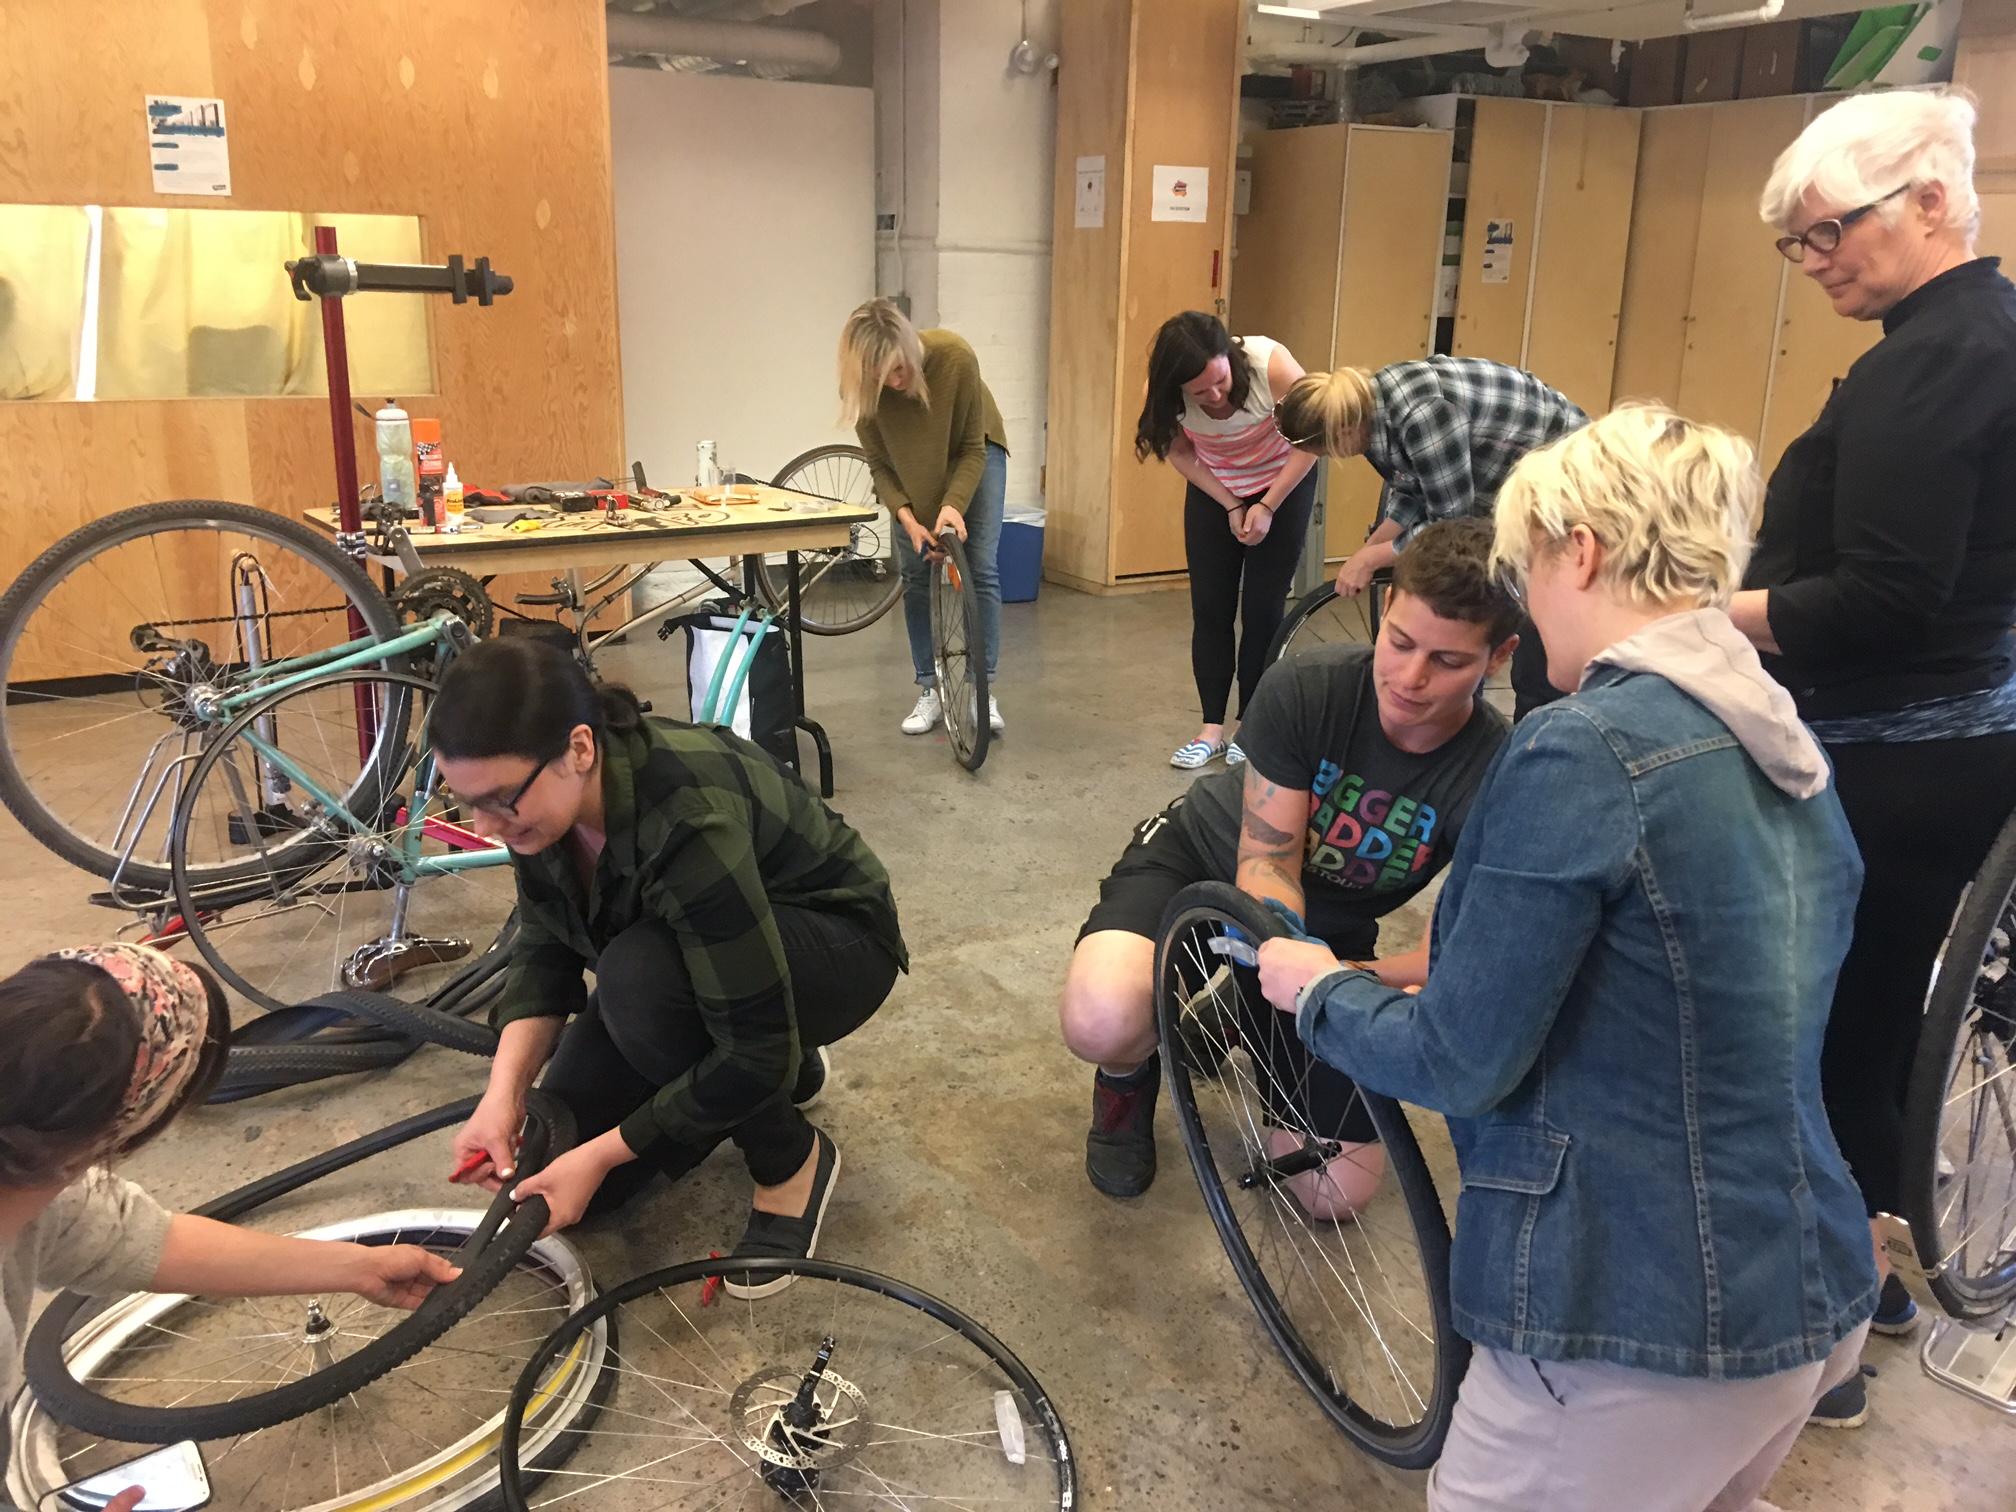 bikeworkshop1.JPG